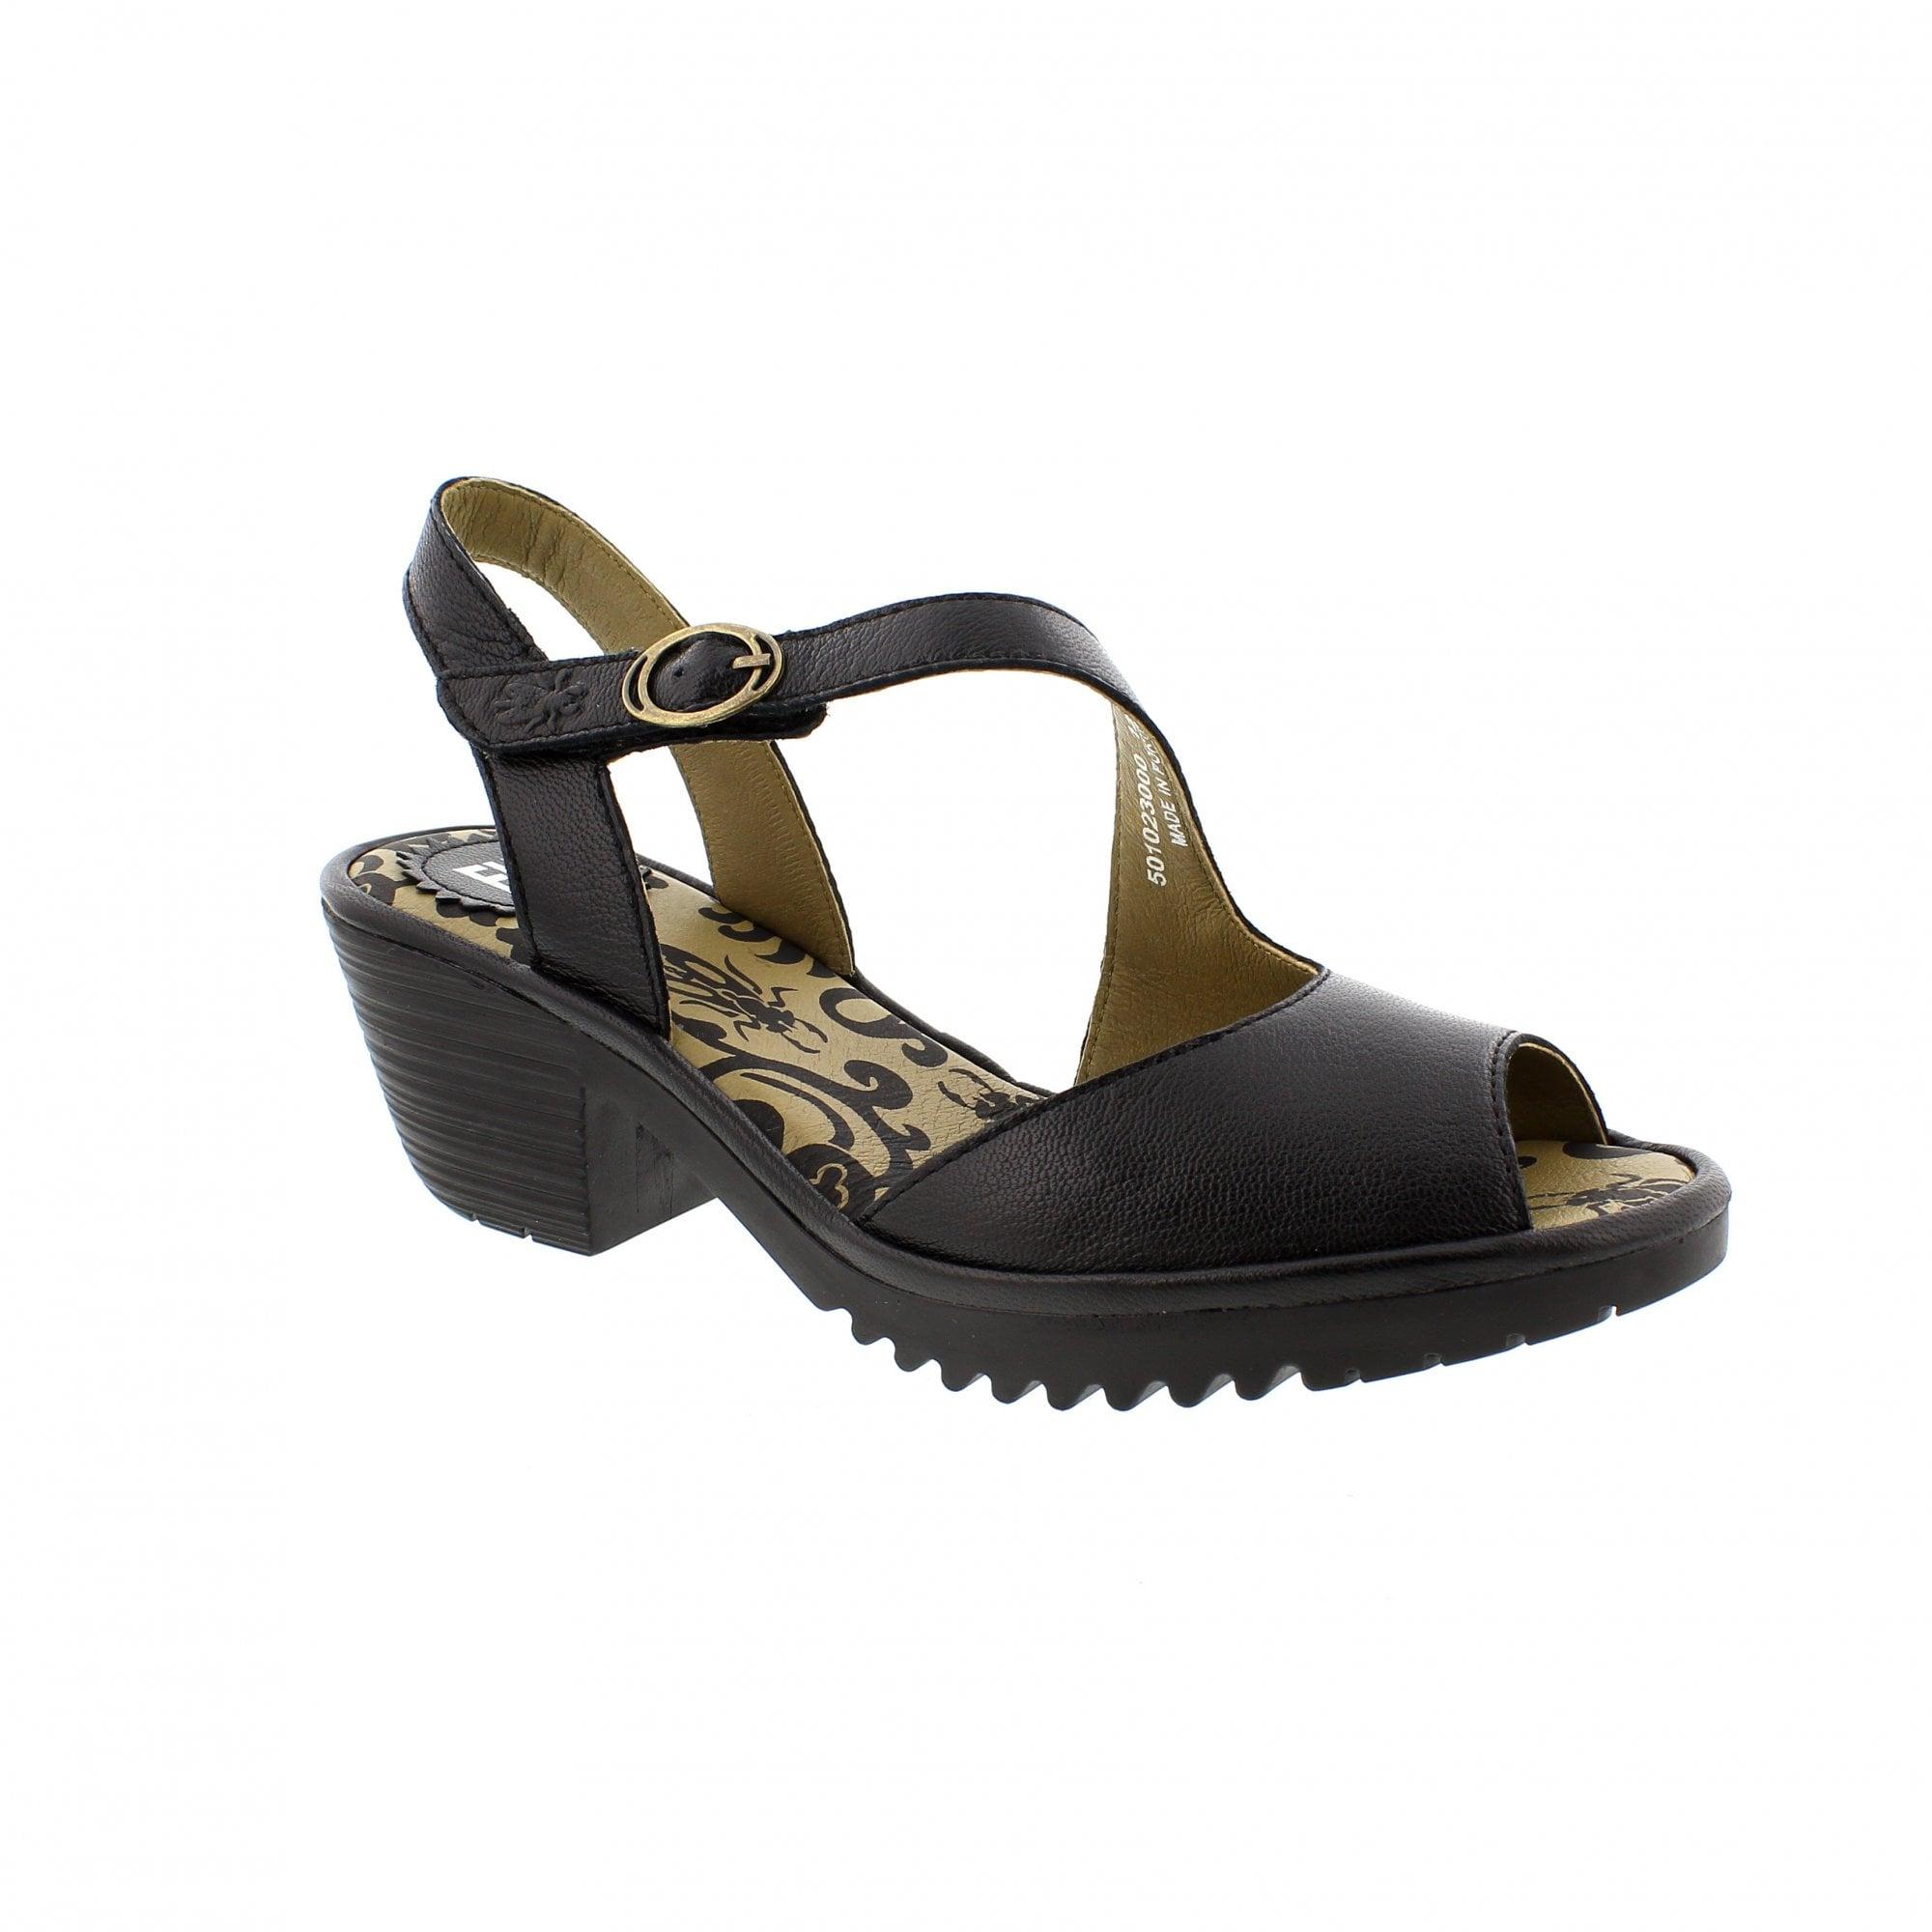 35caffebf8b71 Fly London Wyn Sandals Black Leather 501023-000 | Rogerson Shoes